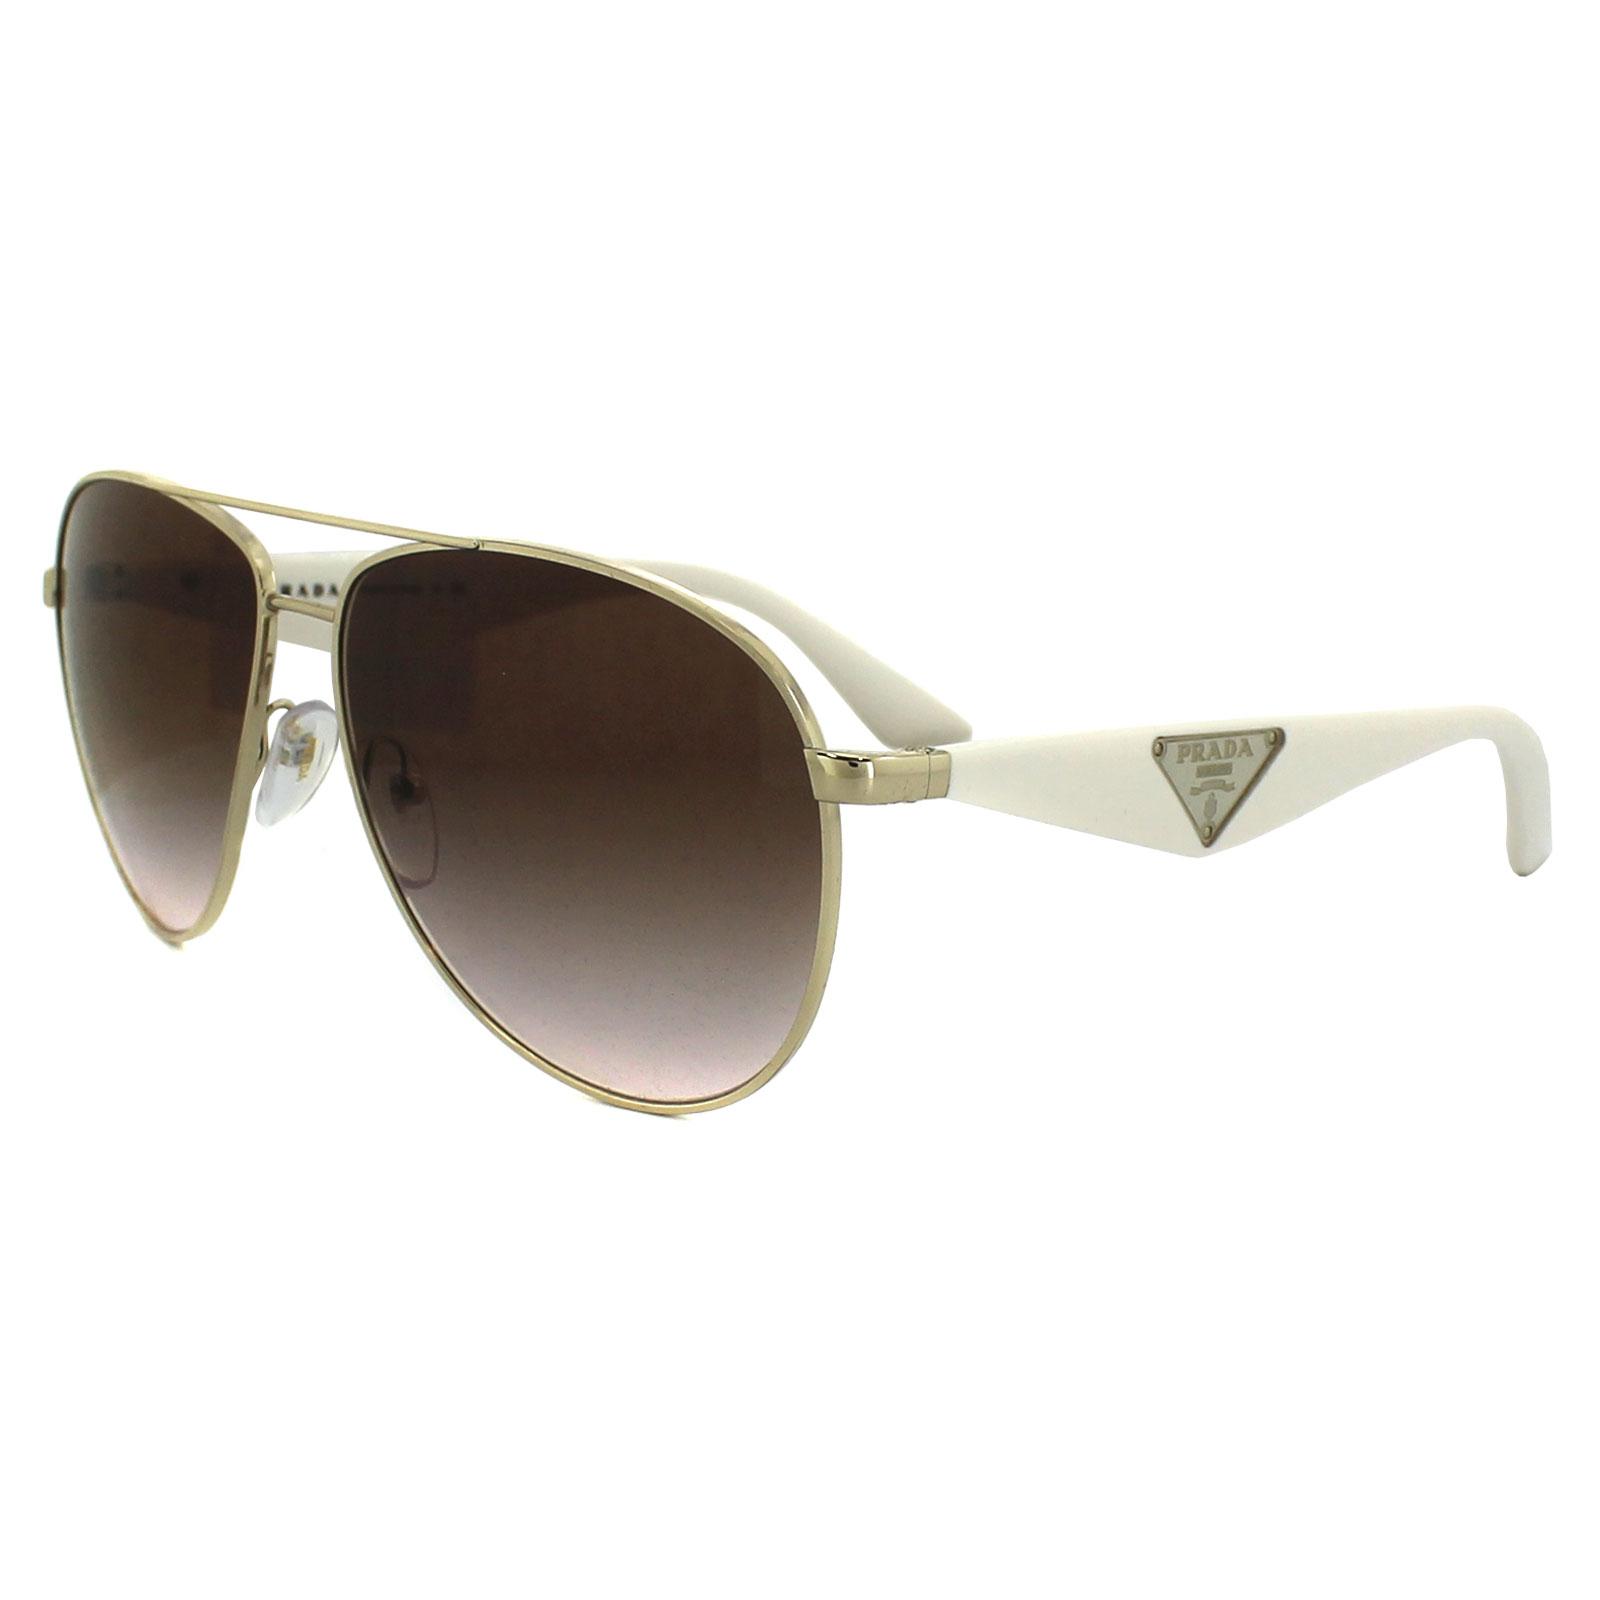 Prada White Frame Glasses : Prada Sunglasses 53QS ZVN0A6 Gold & White Brown Gradient ...